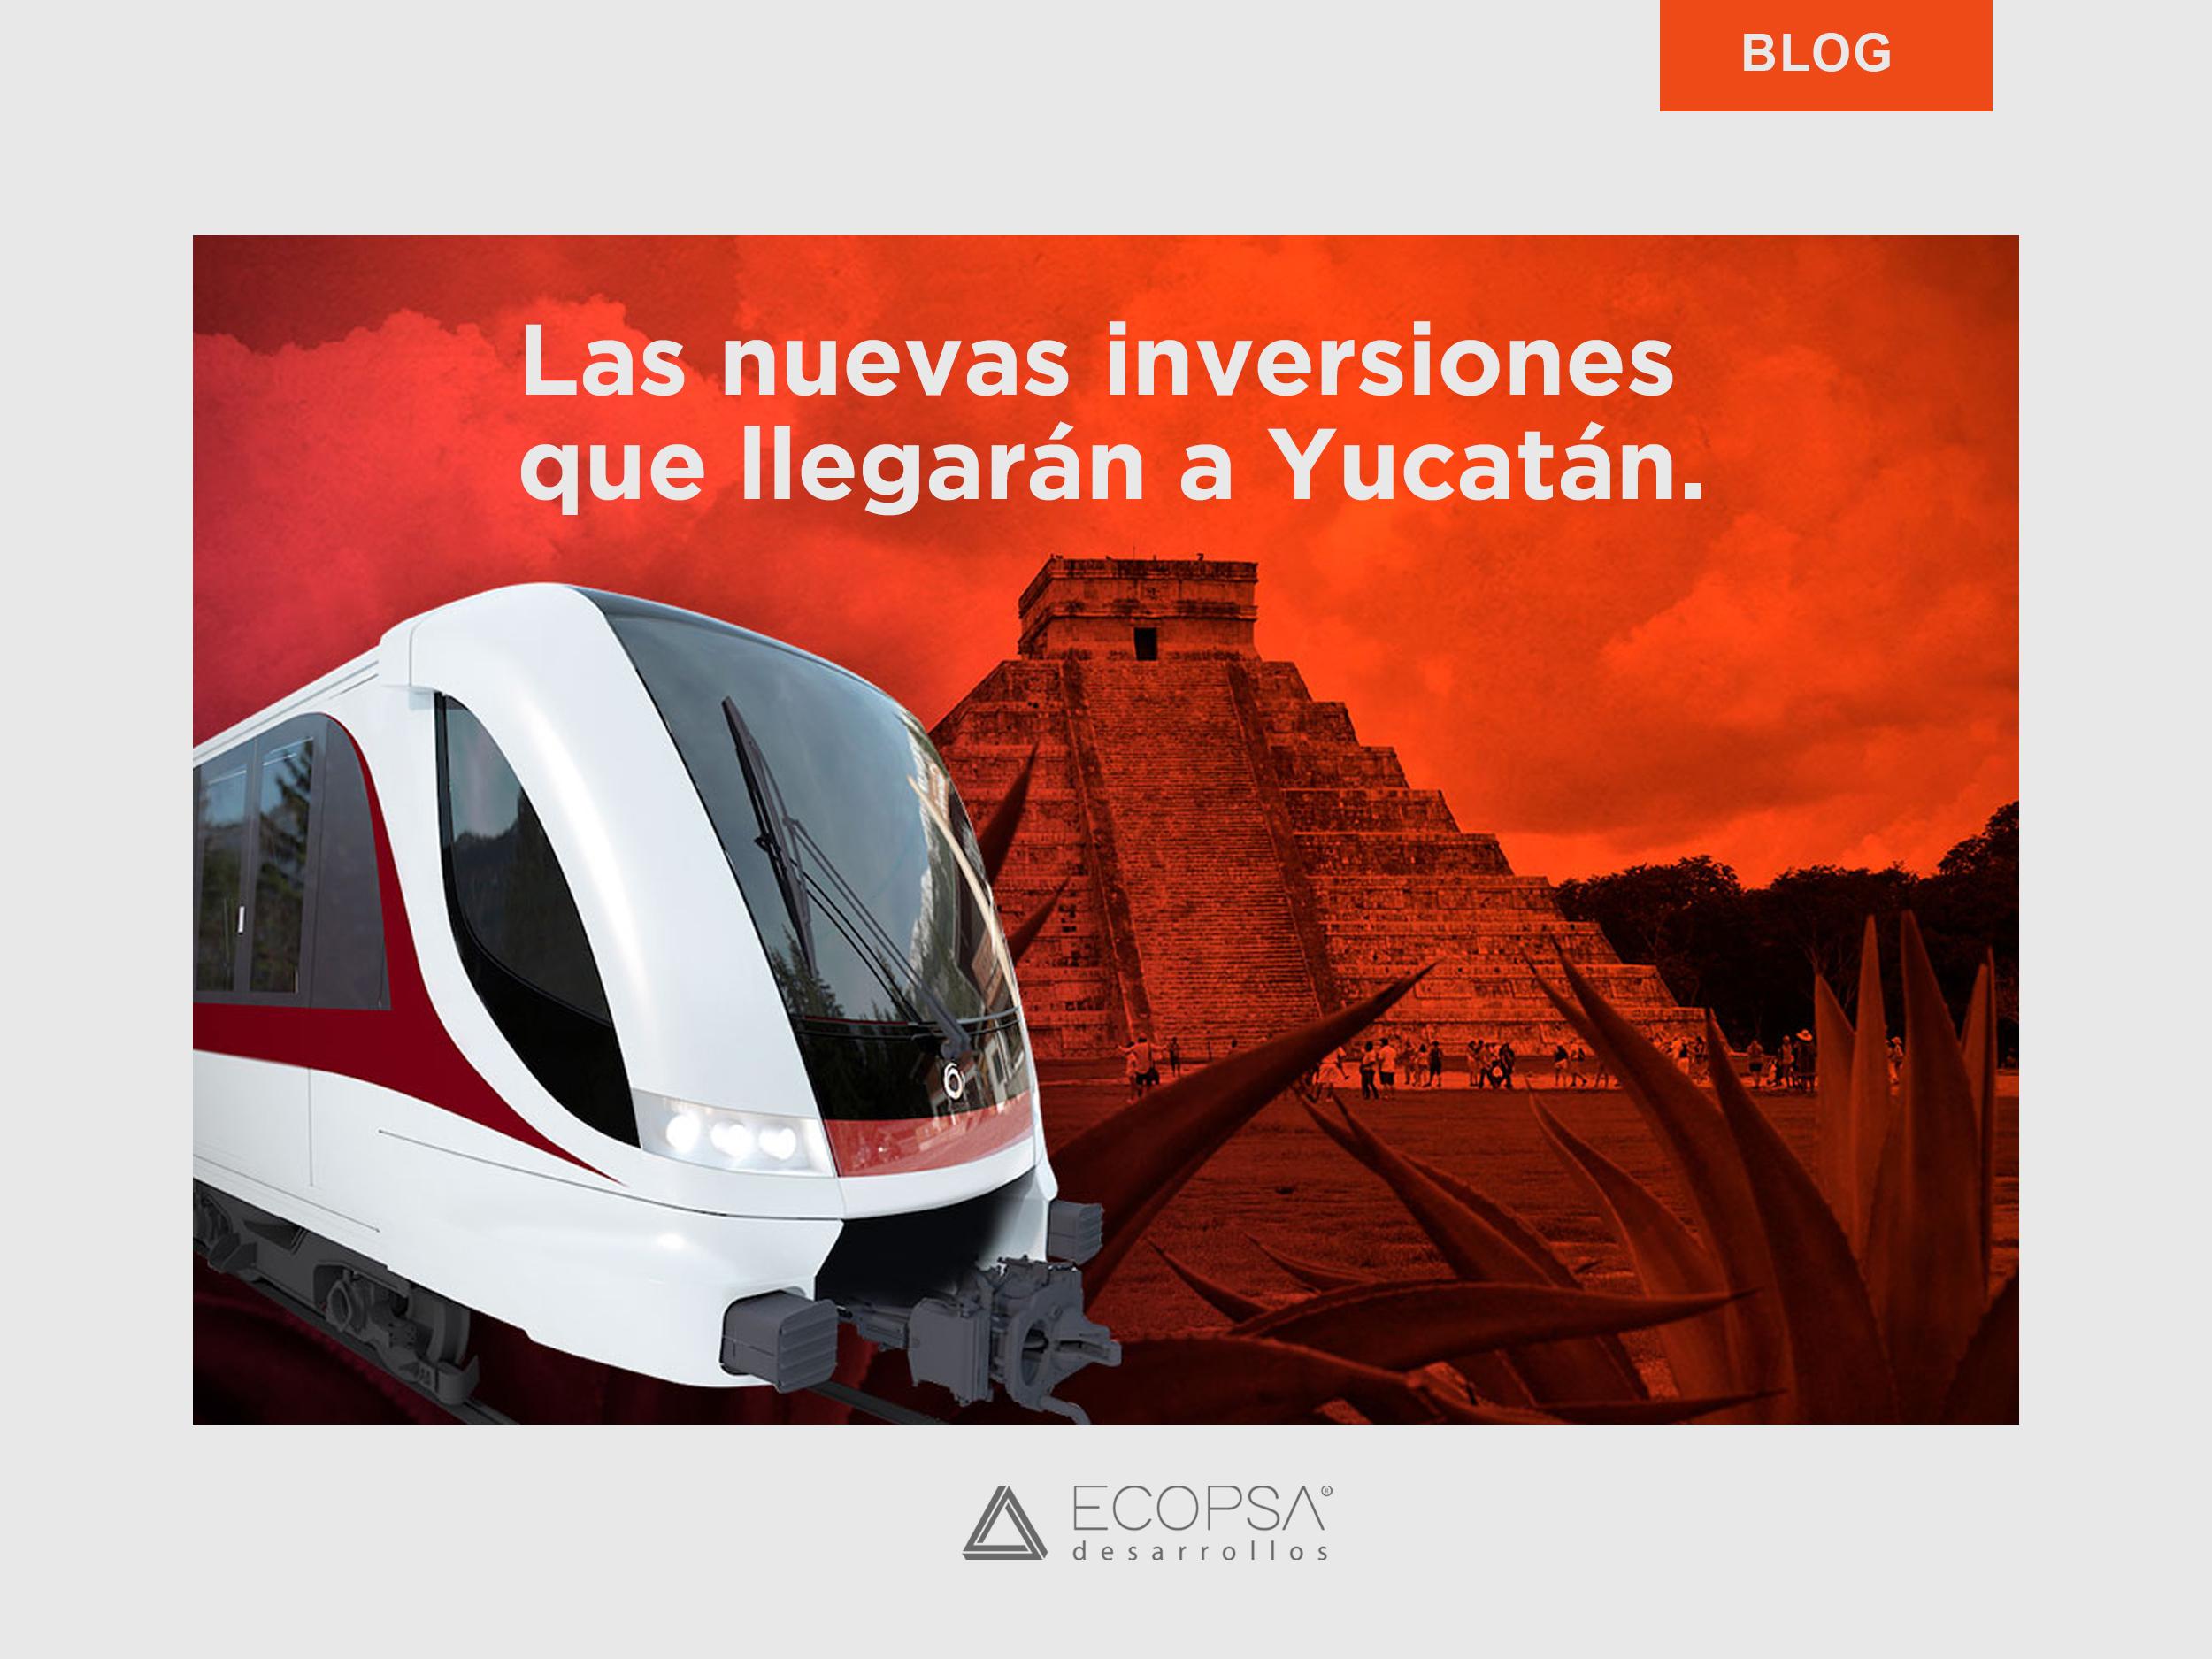 Inversiones que llegarán a Yucatán